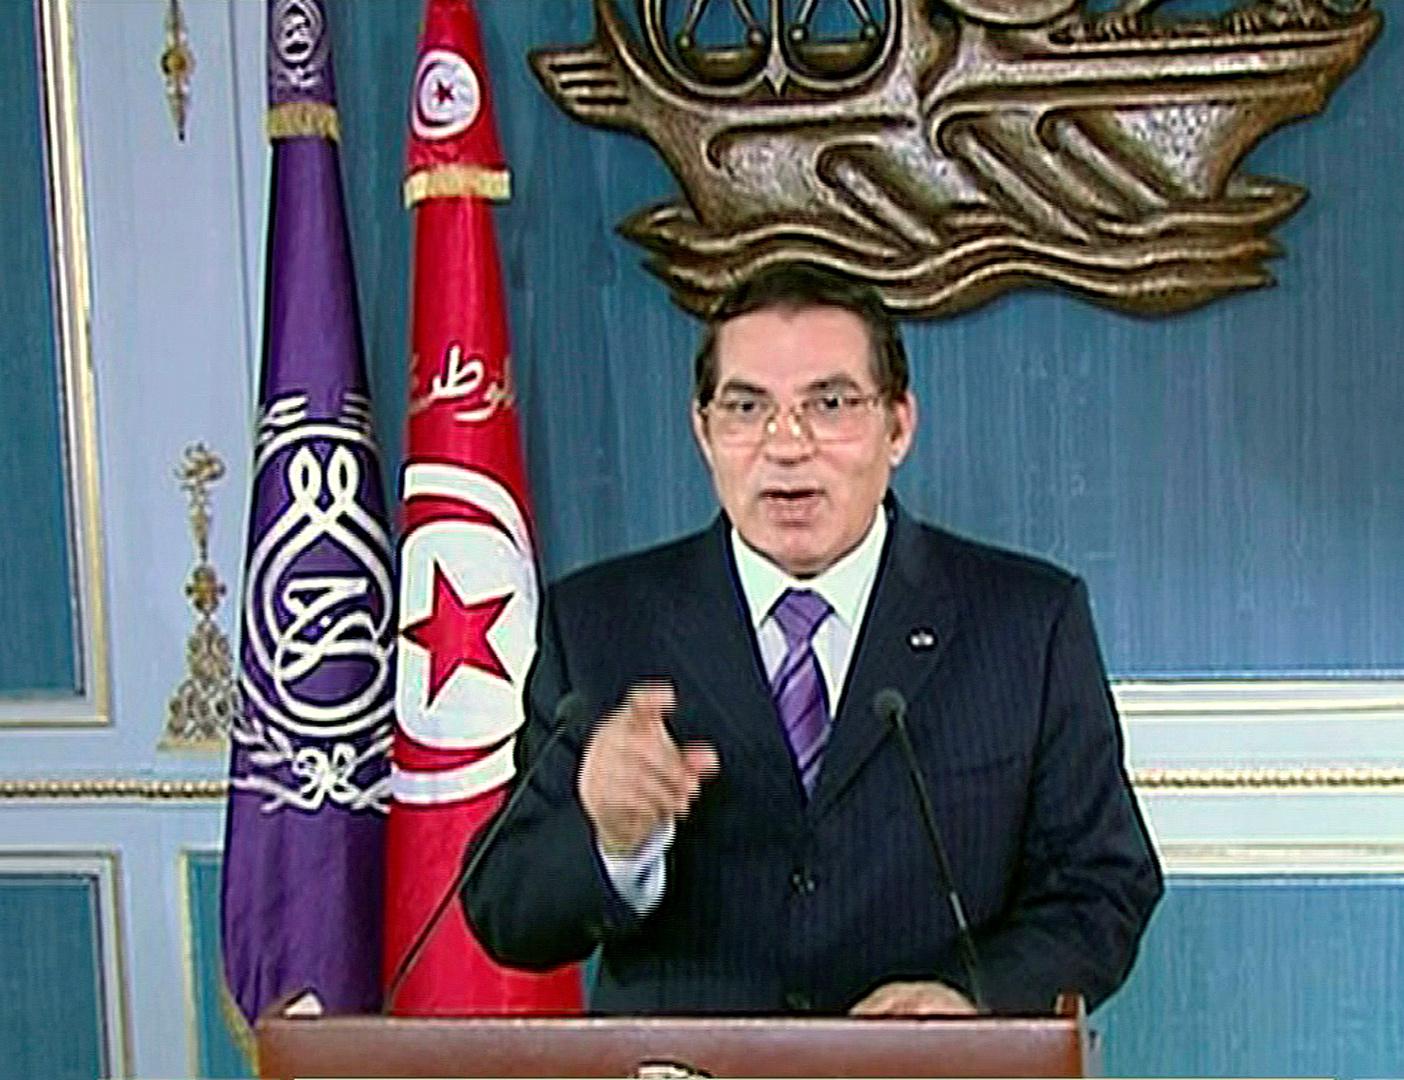 الرئيس التونسي الأسبق الراحل زين العابدين بن علي.